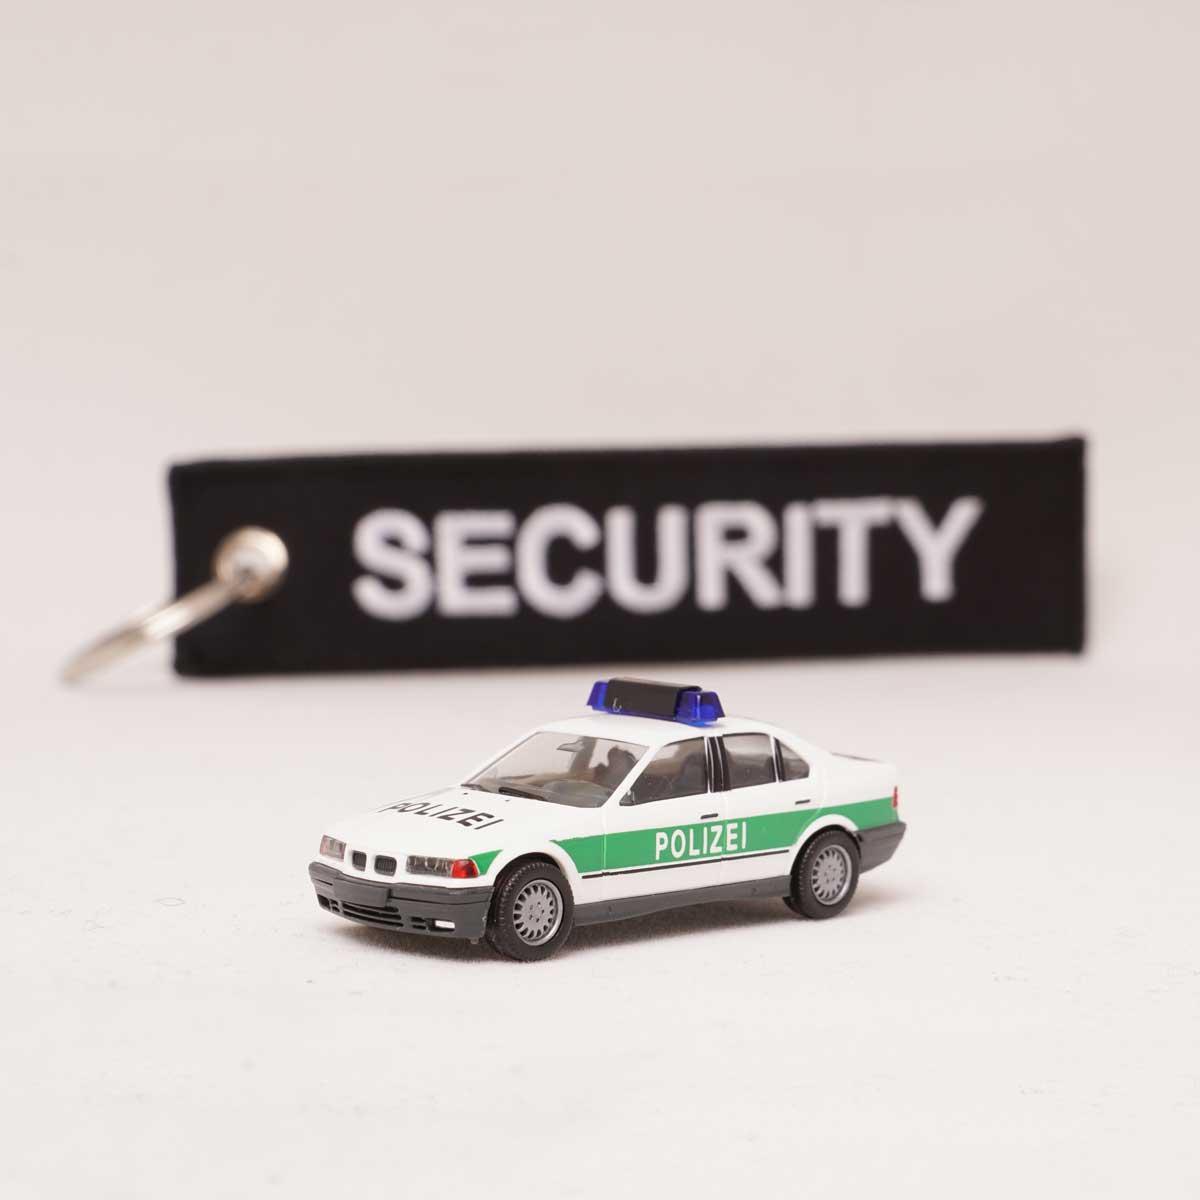 Polizei Security Schlüsselanhänger